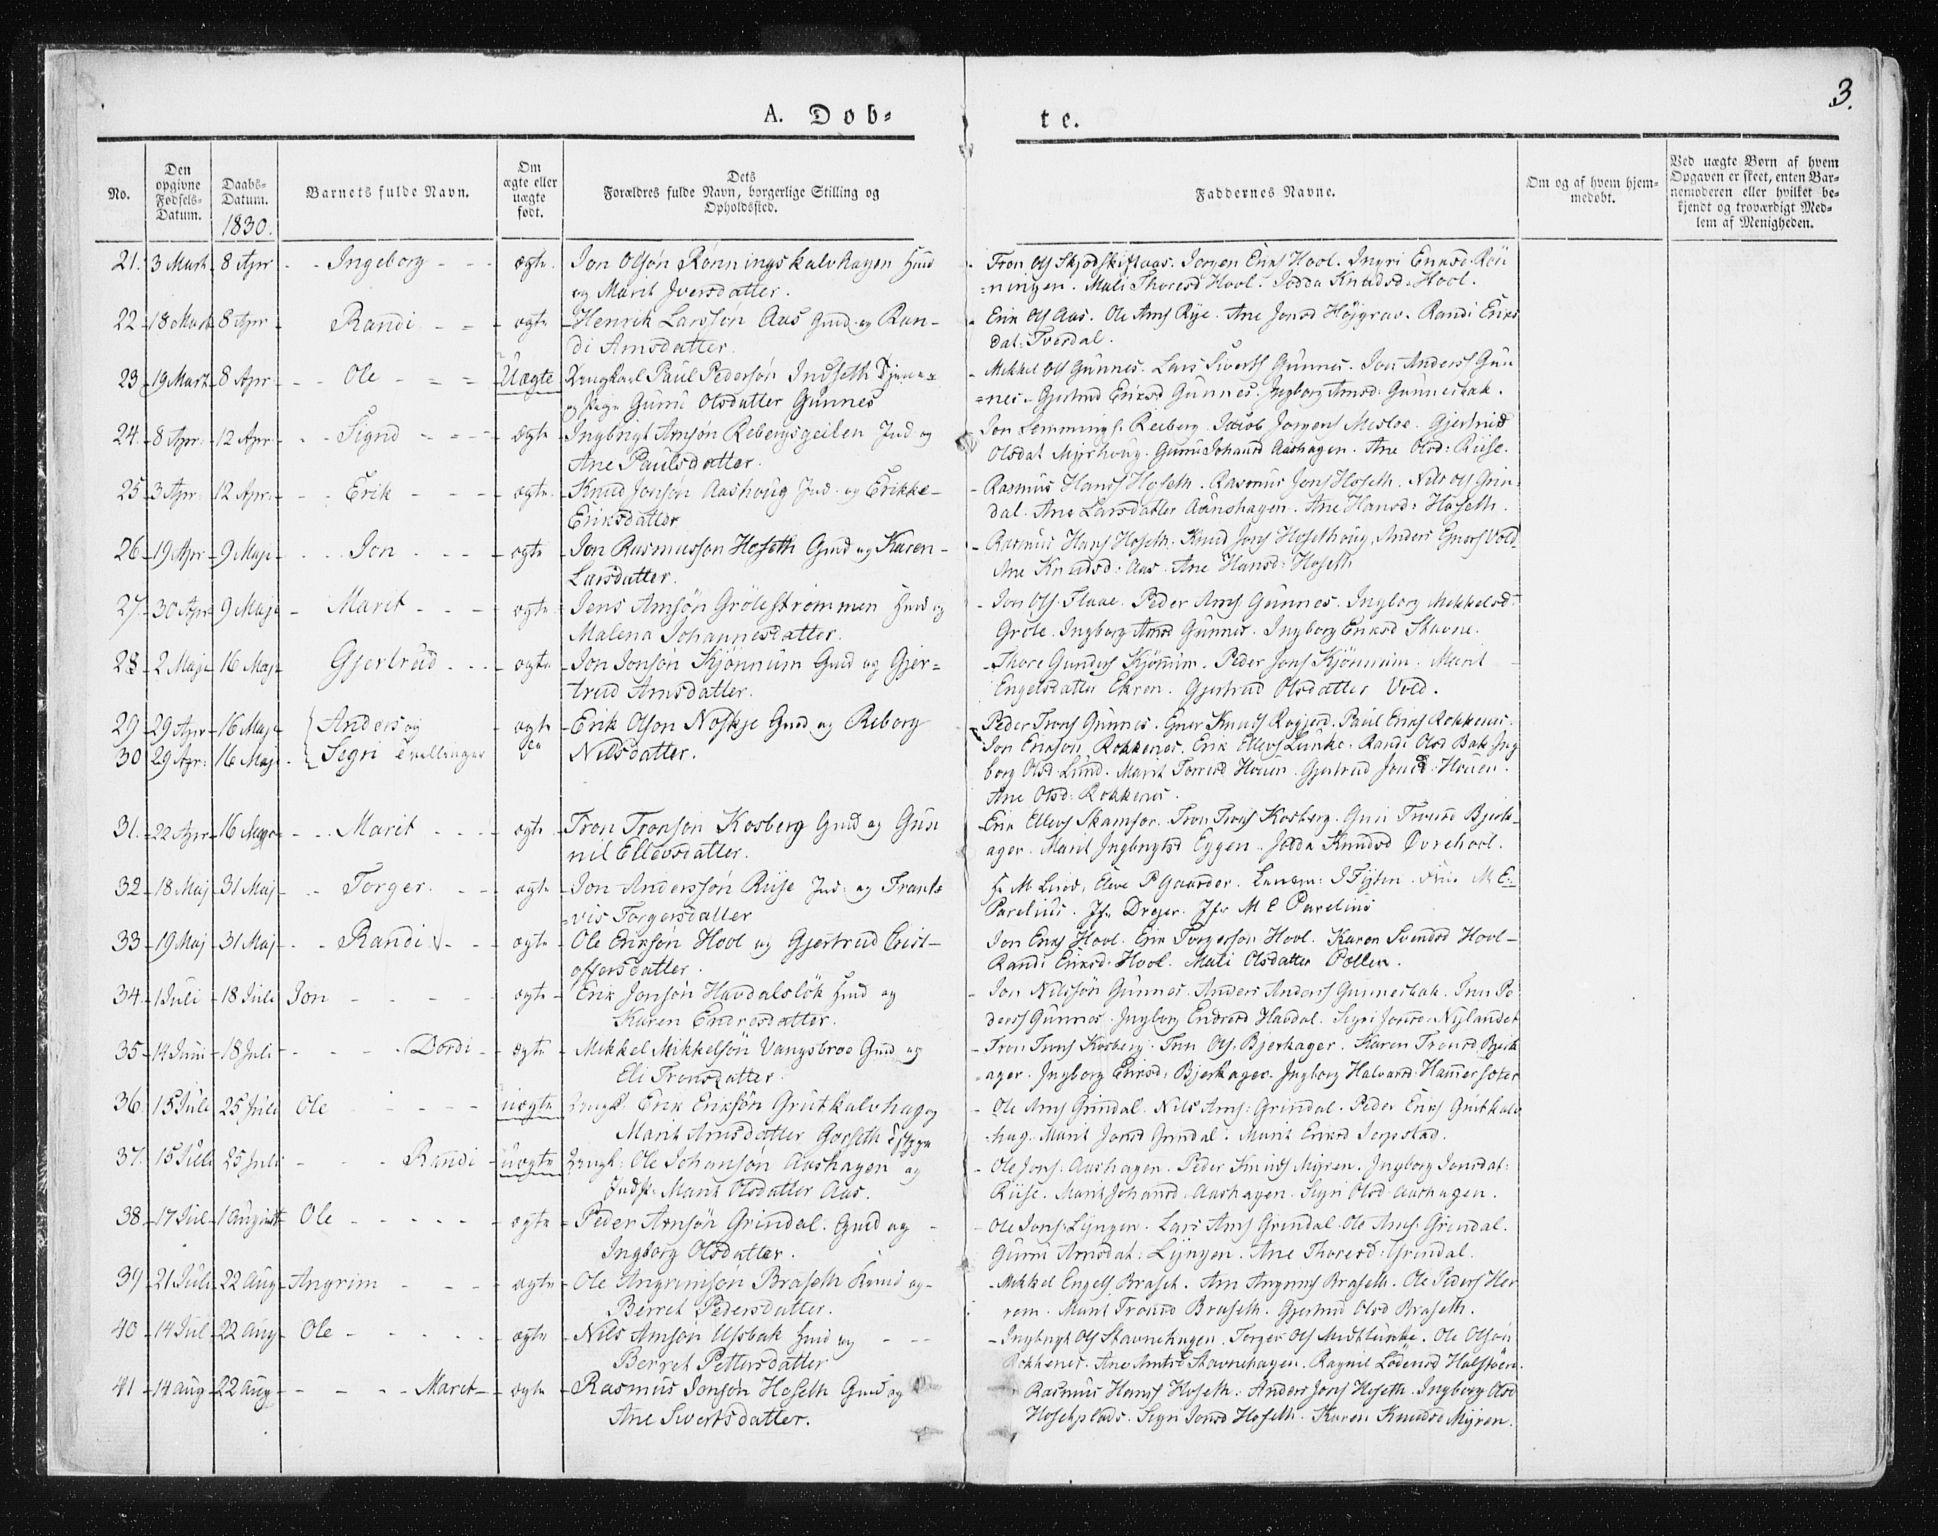 SAT, Ministerialprotokoller, klokkerbøker og fødselsregistre - Sør-Trøndelag, 674/L0869: Ministerialbok nr. 674A01, 1829-1860, s. 3